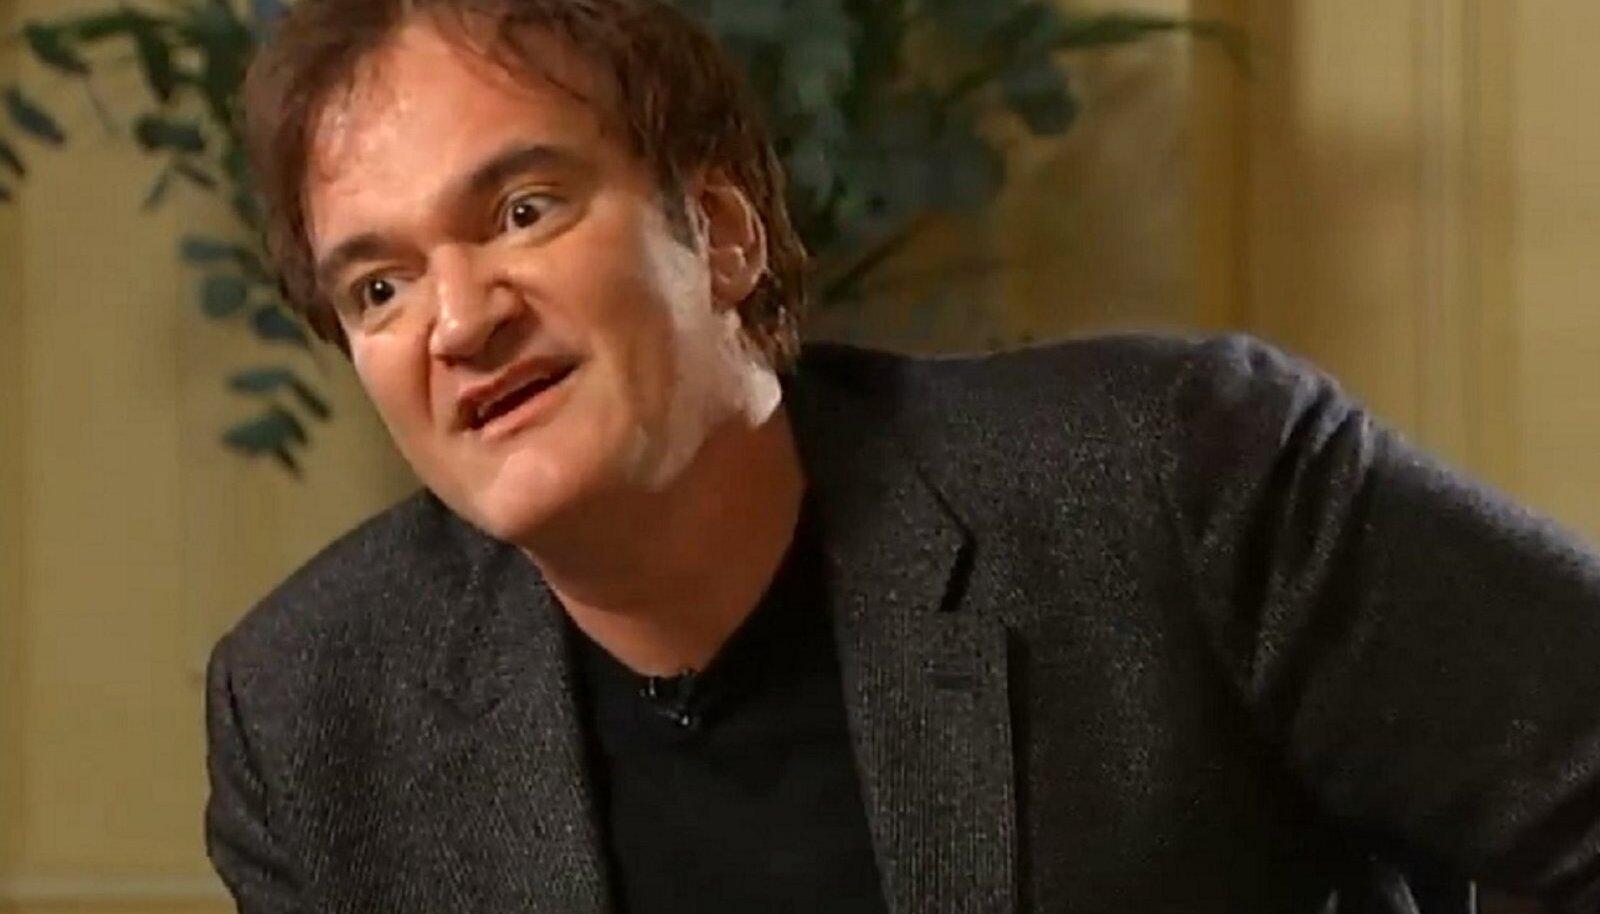 Quentin Tarantino Channel 4 News intervjuu Krishnan Guru-Murthy'ga.